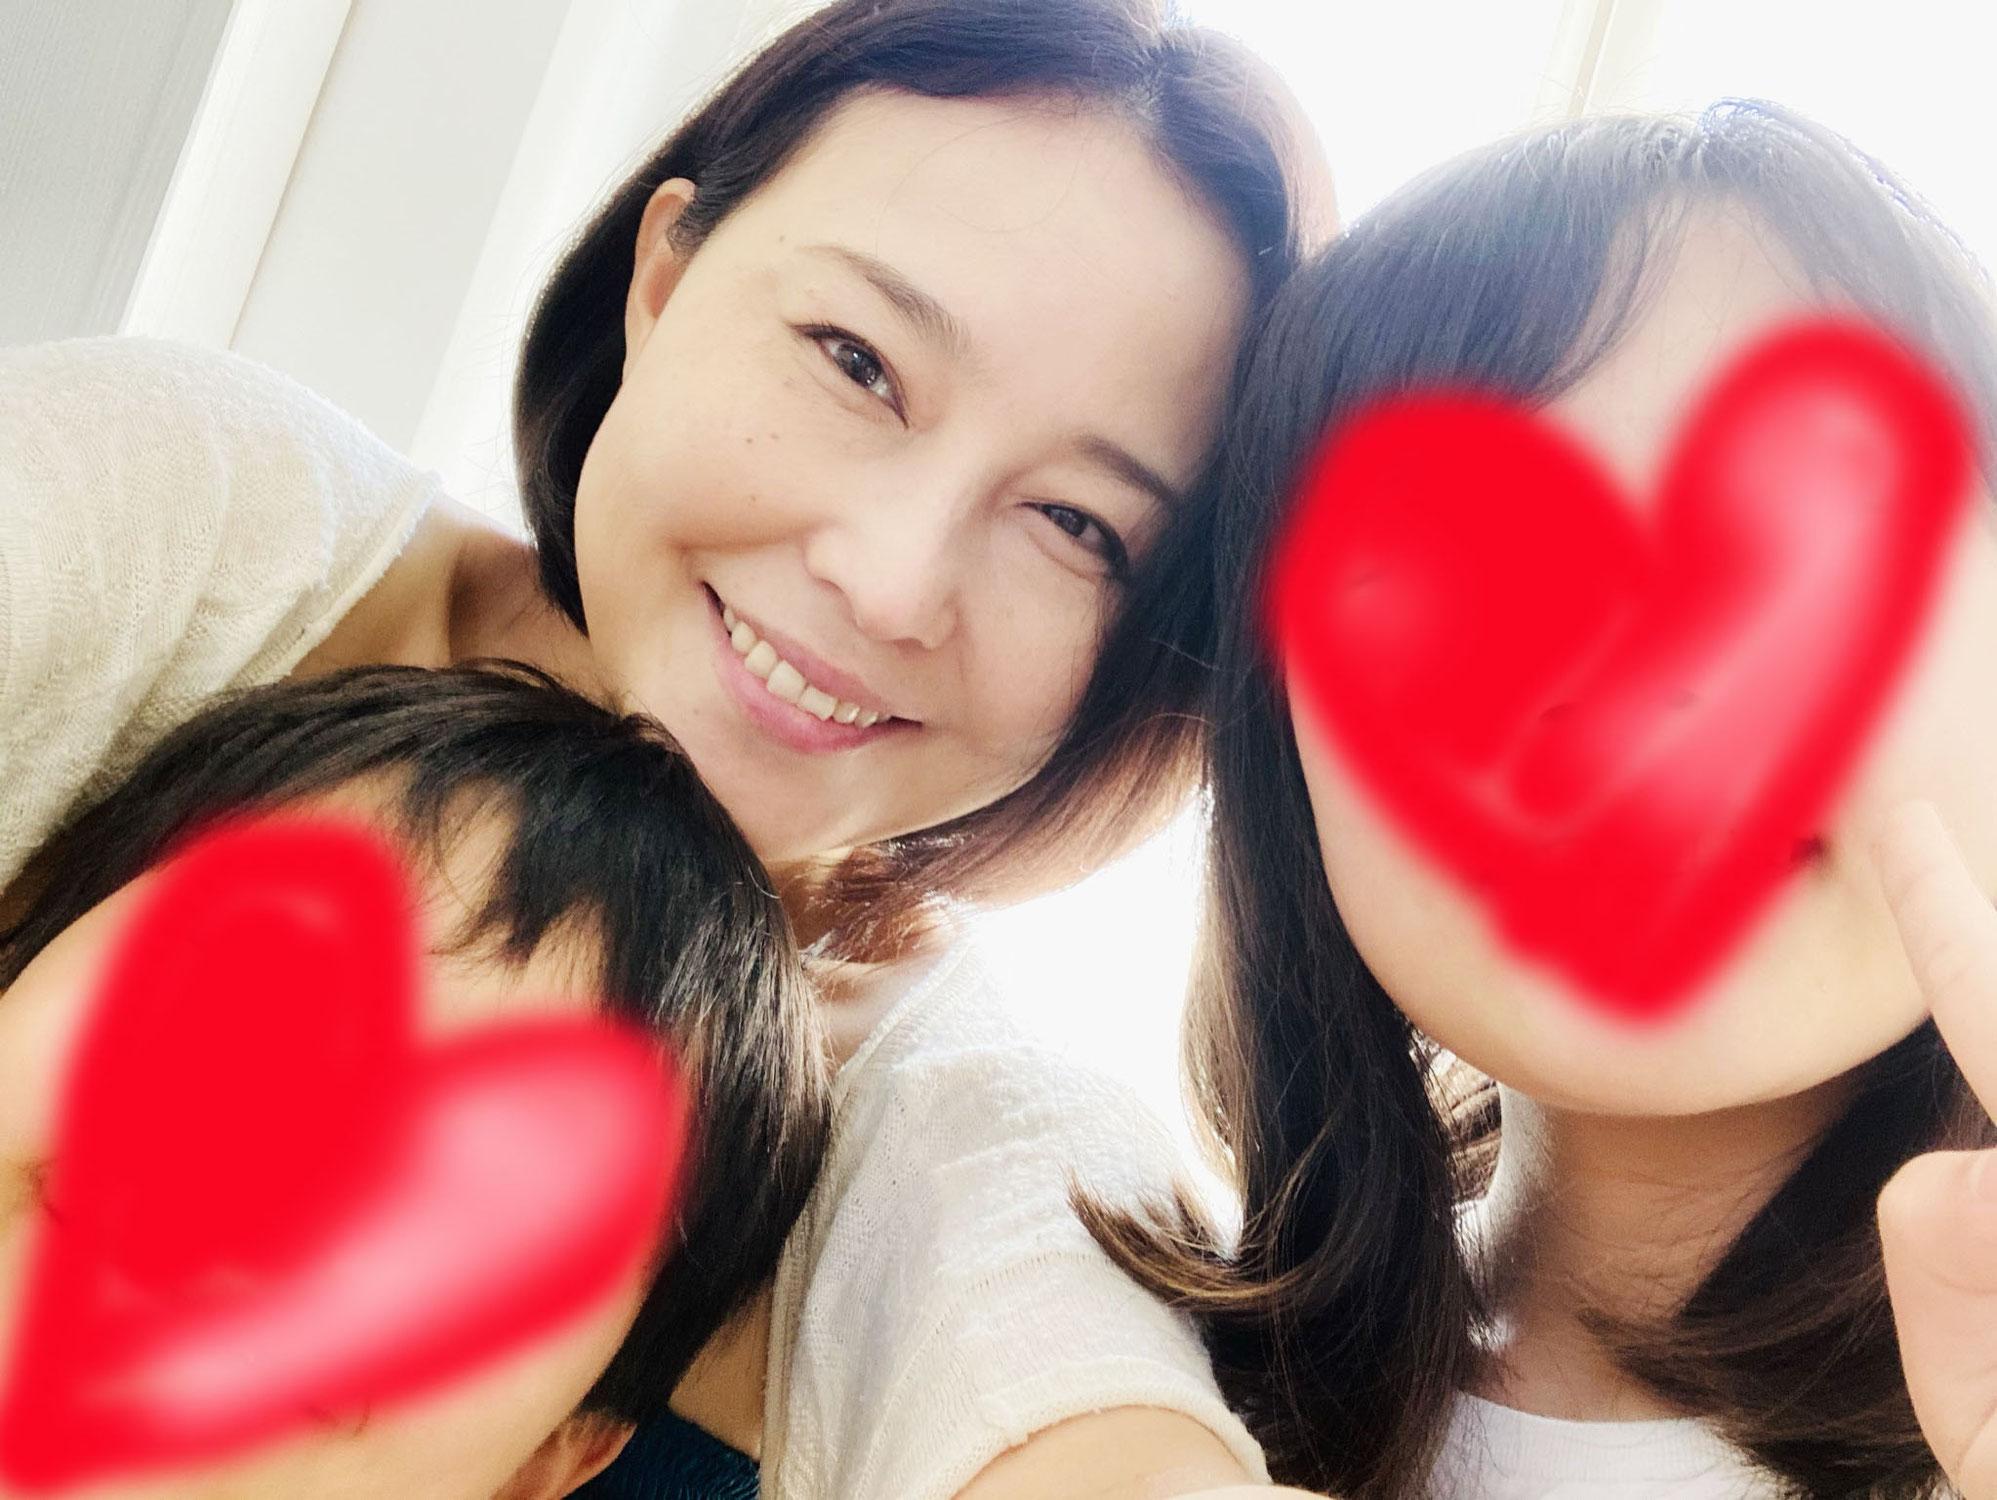 【フランス生活日記】フランスの母の日